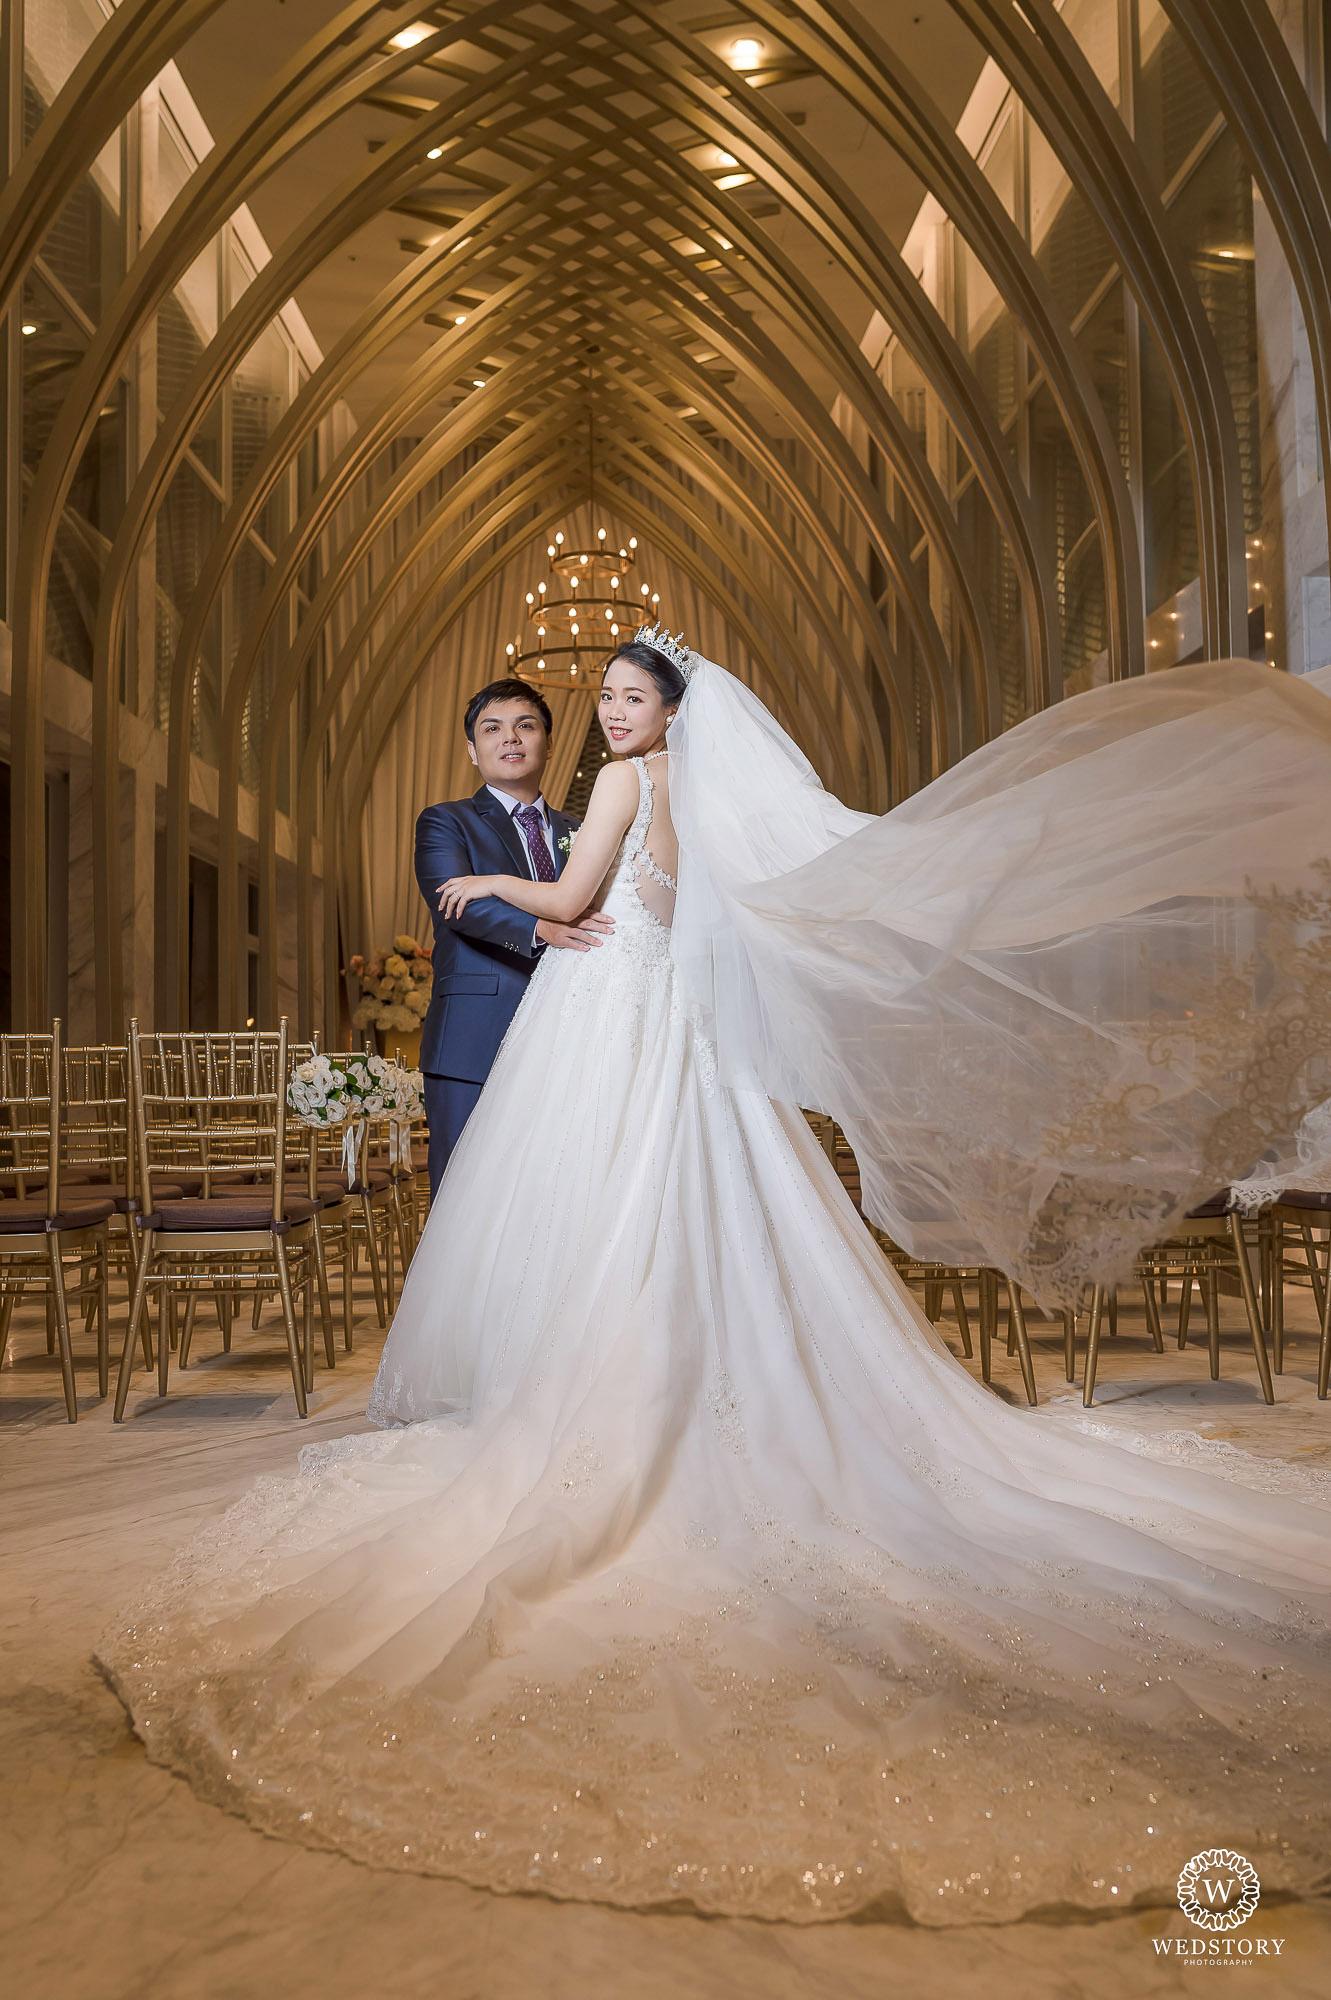 台中萊特薇庭婚攝58,頤和宮,台中婚攝推薦,婚禮攝影,婚禮紀錄